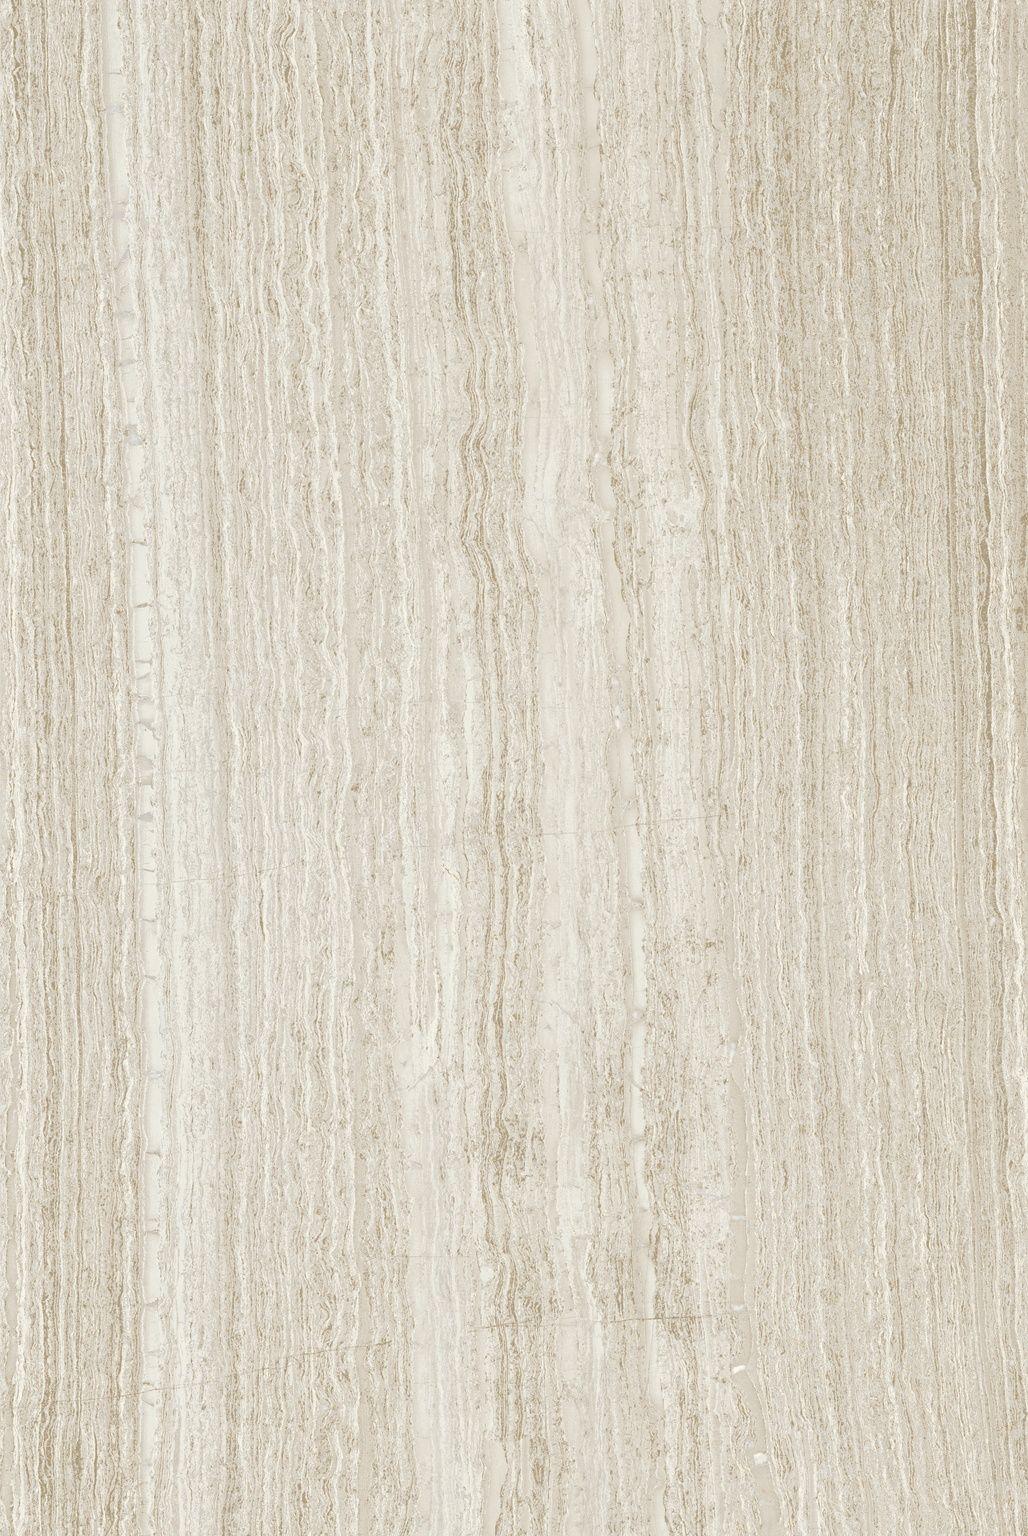 Interceramic pisos y azulejos para toda tu casa achitecture interceramic pisos y azulejos para toda tu casa floor colorstravertine romanfloorstilestextureproductsframefloor stain colors dailygadgetfo Image collections